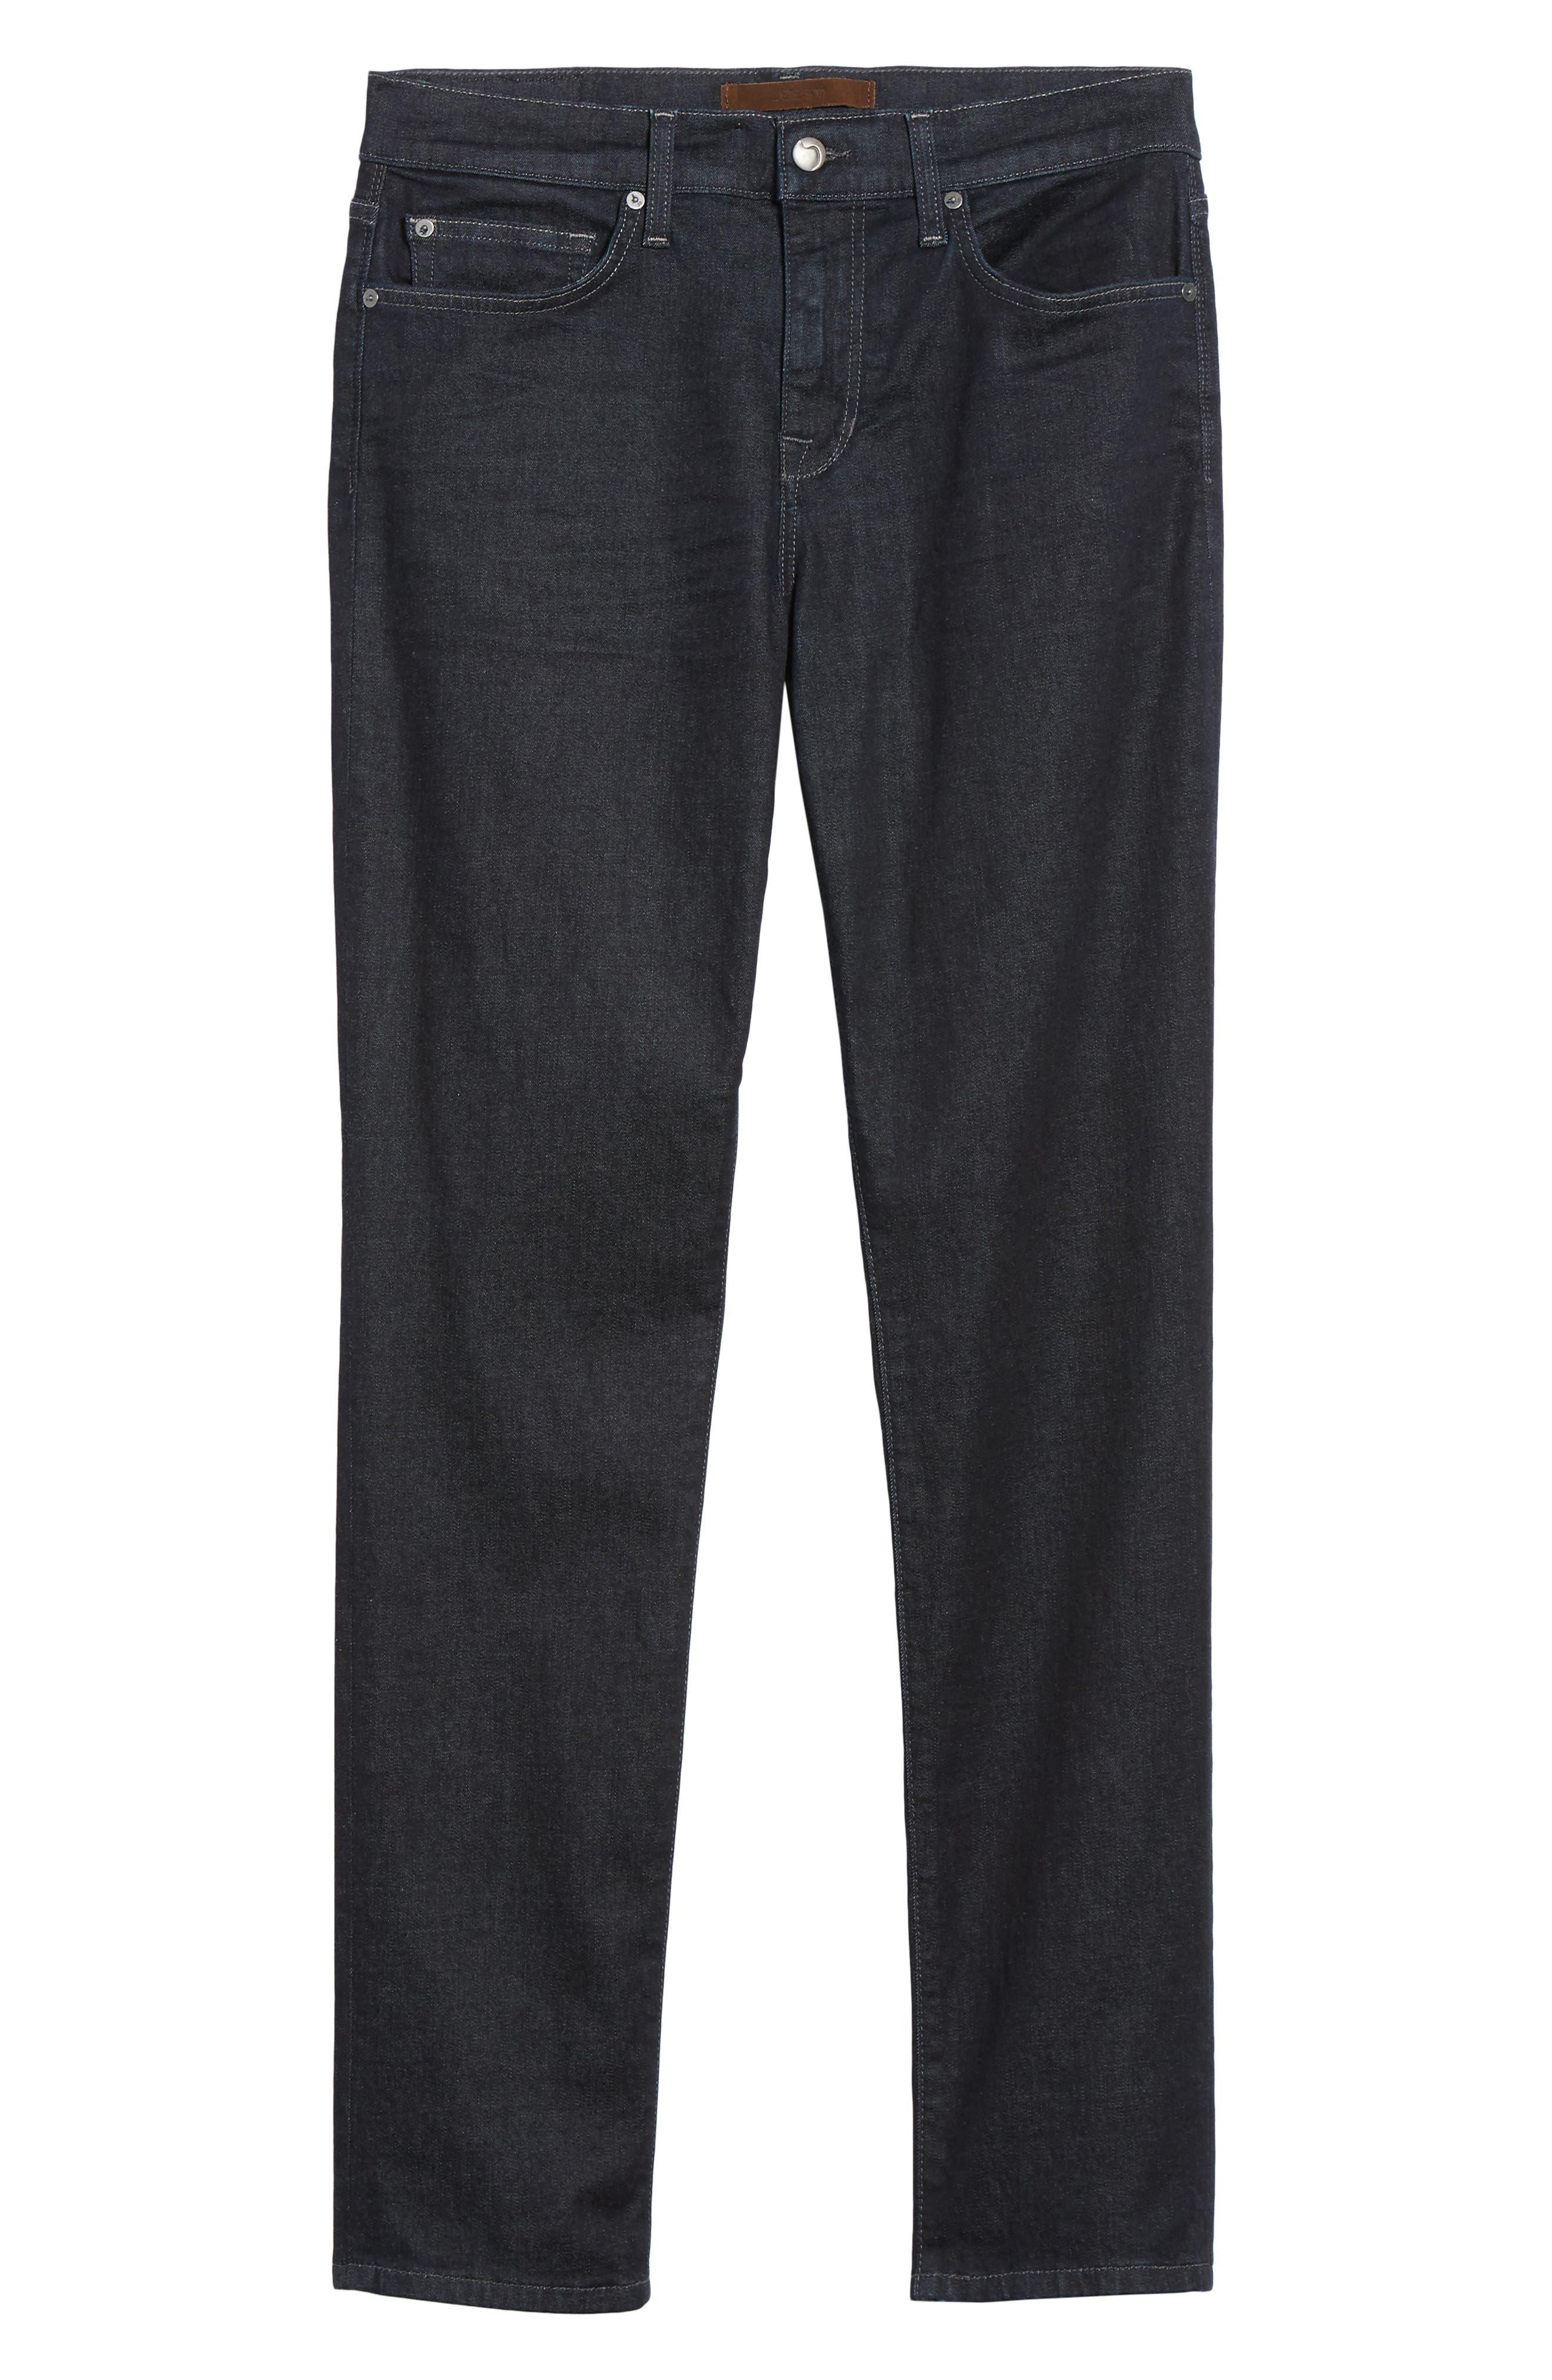 Slim Slim Fit Jeans,                             Alternate thumbnail 6, color,                             NUHOLLIS